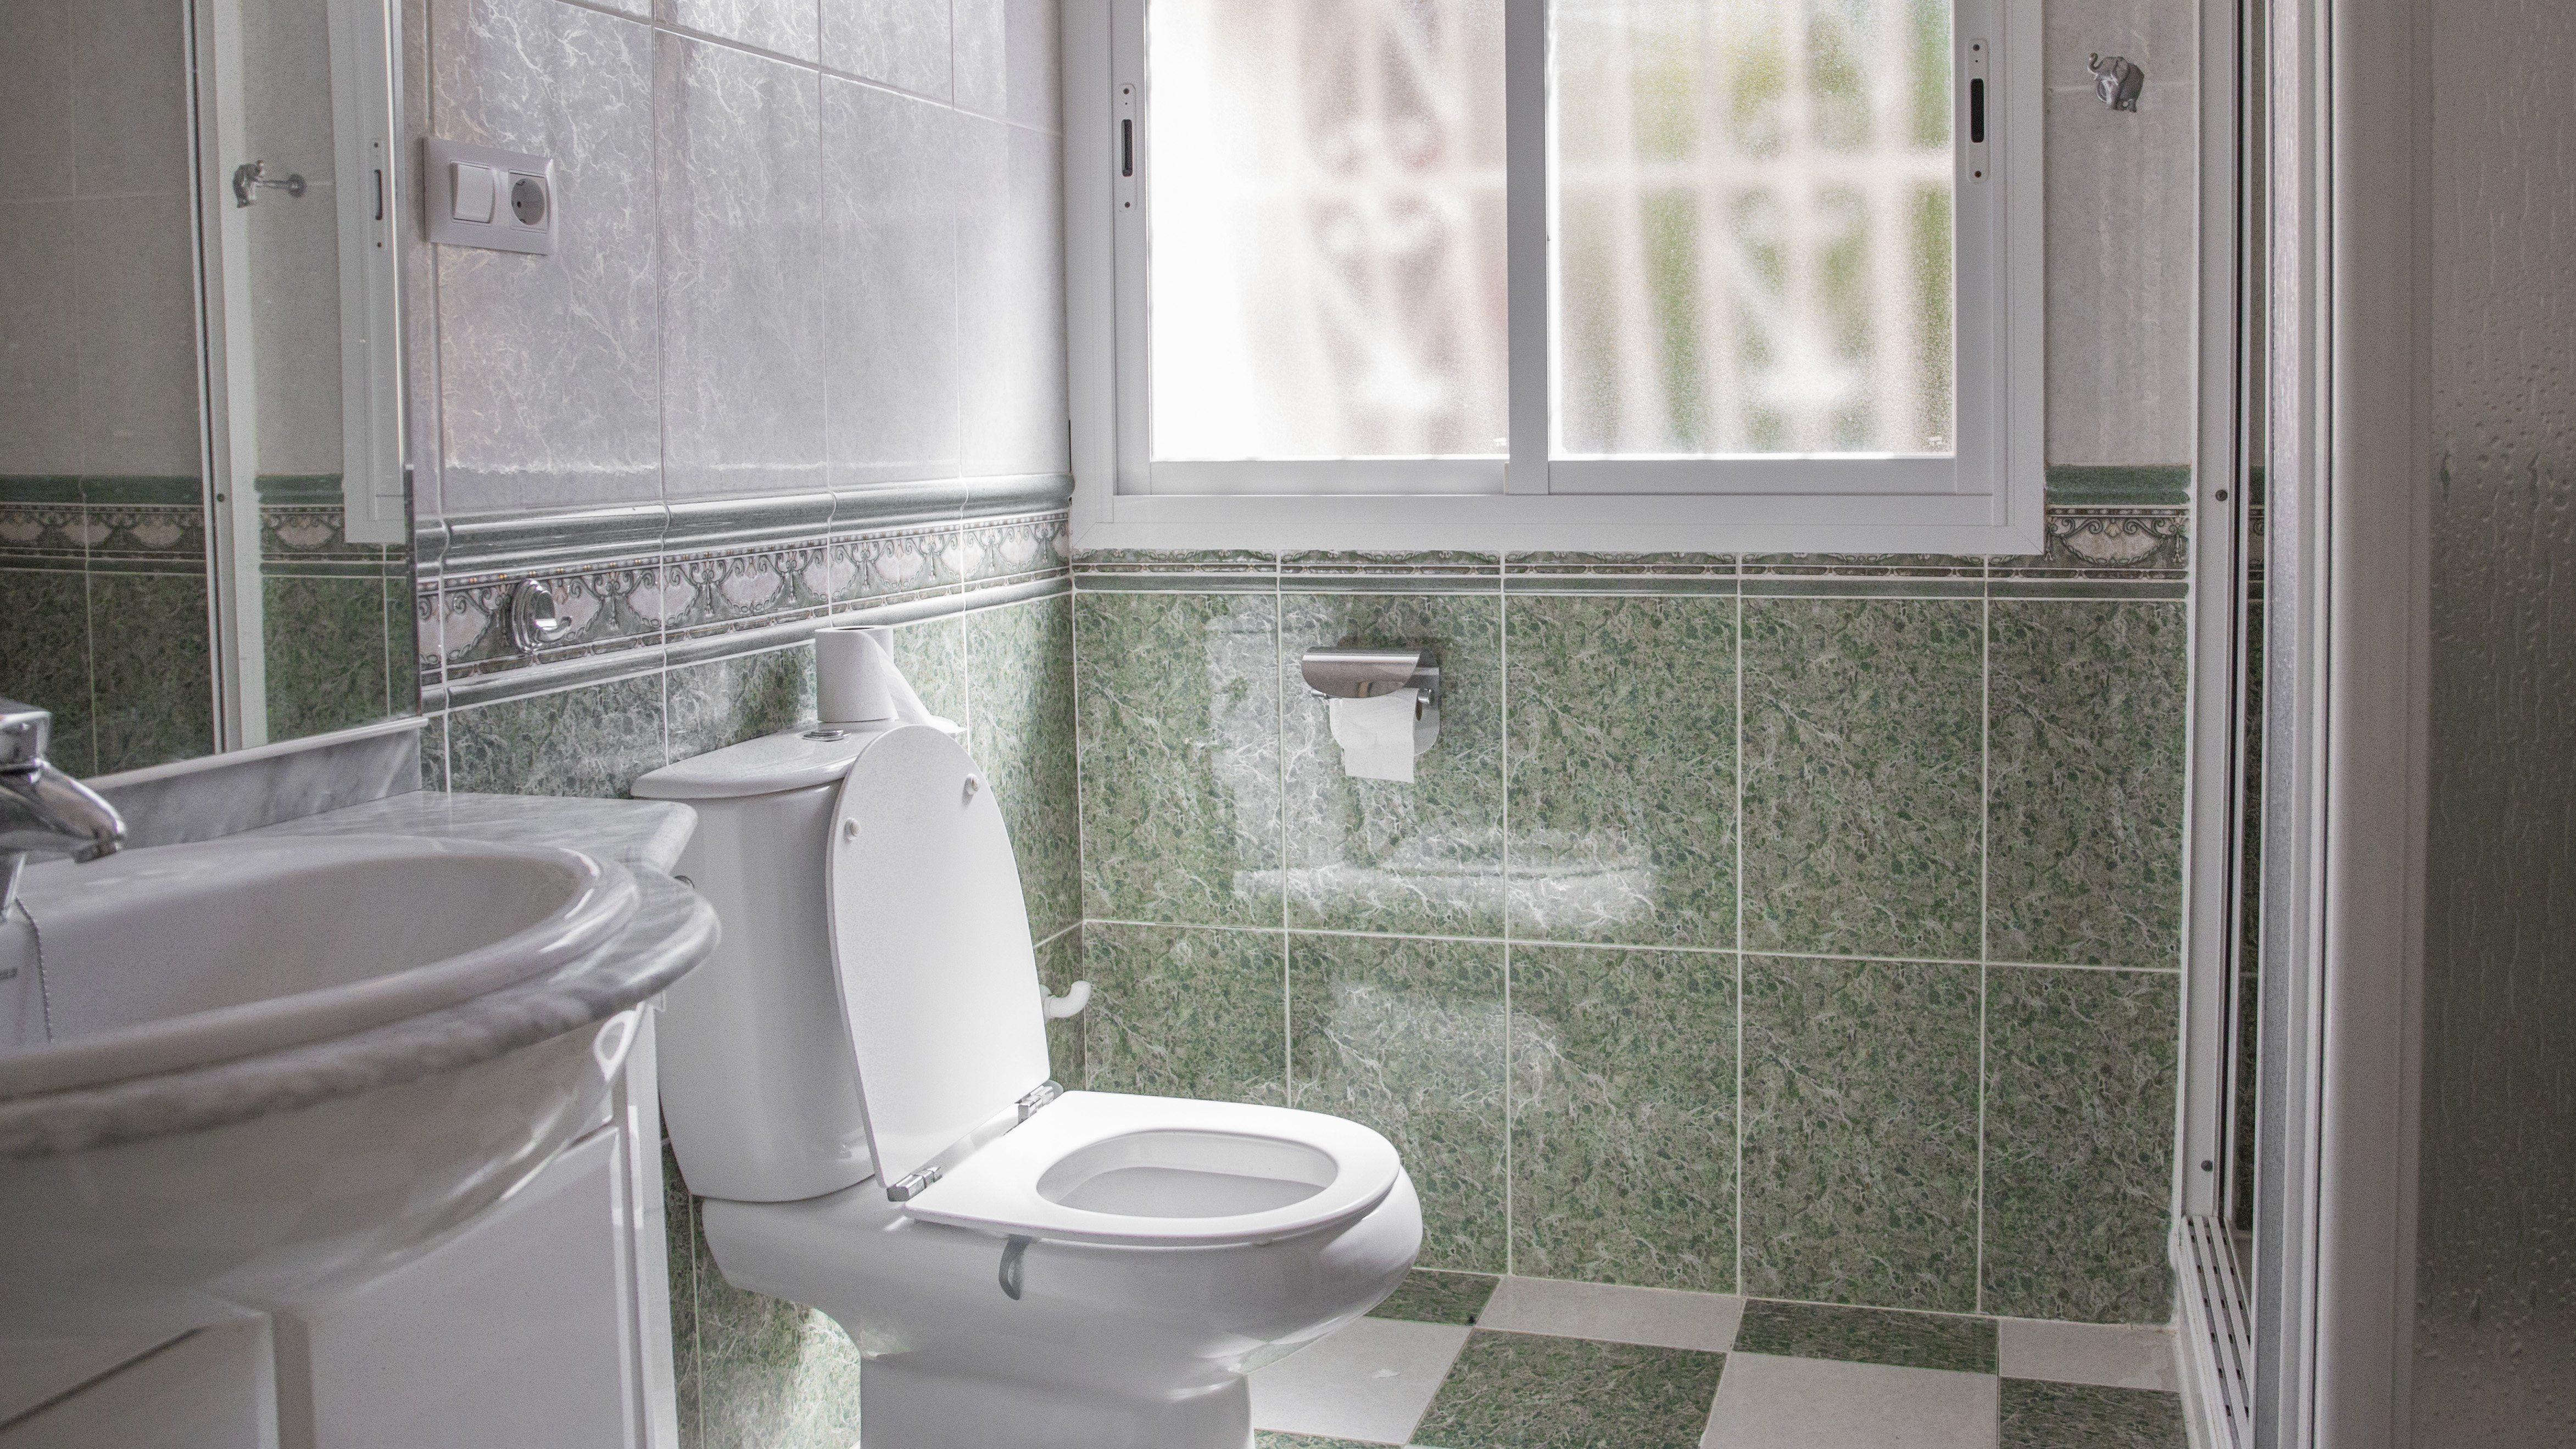 Chalet de 7 dormitorios en venta en Jávea